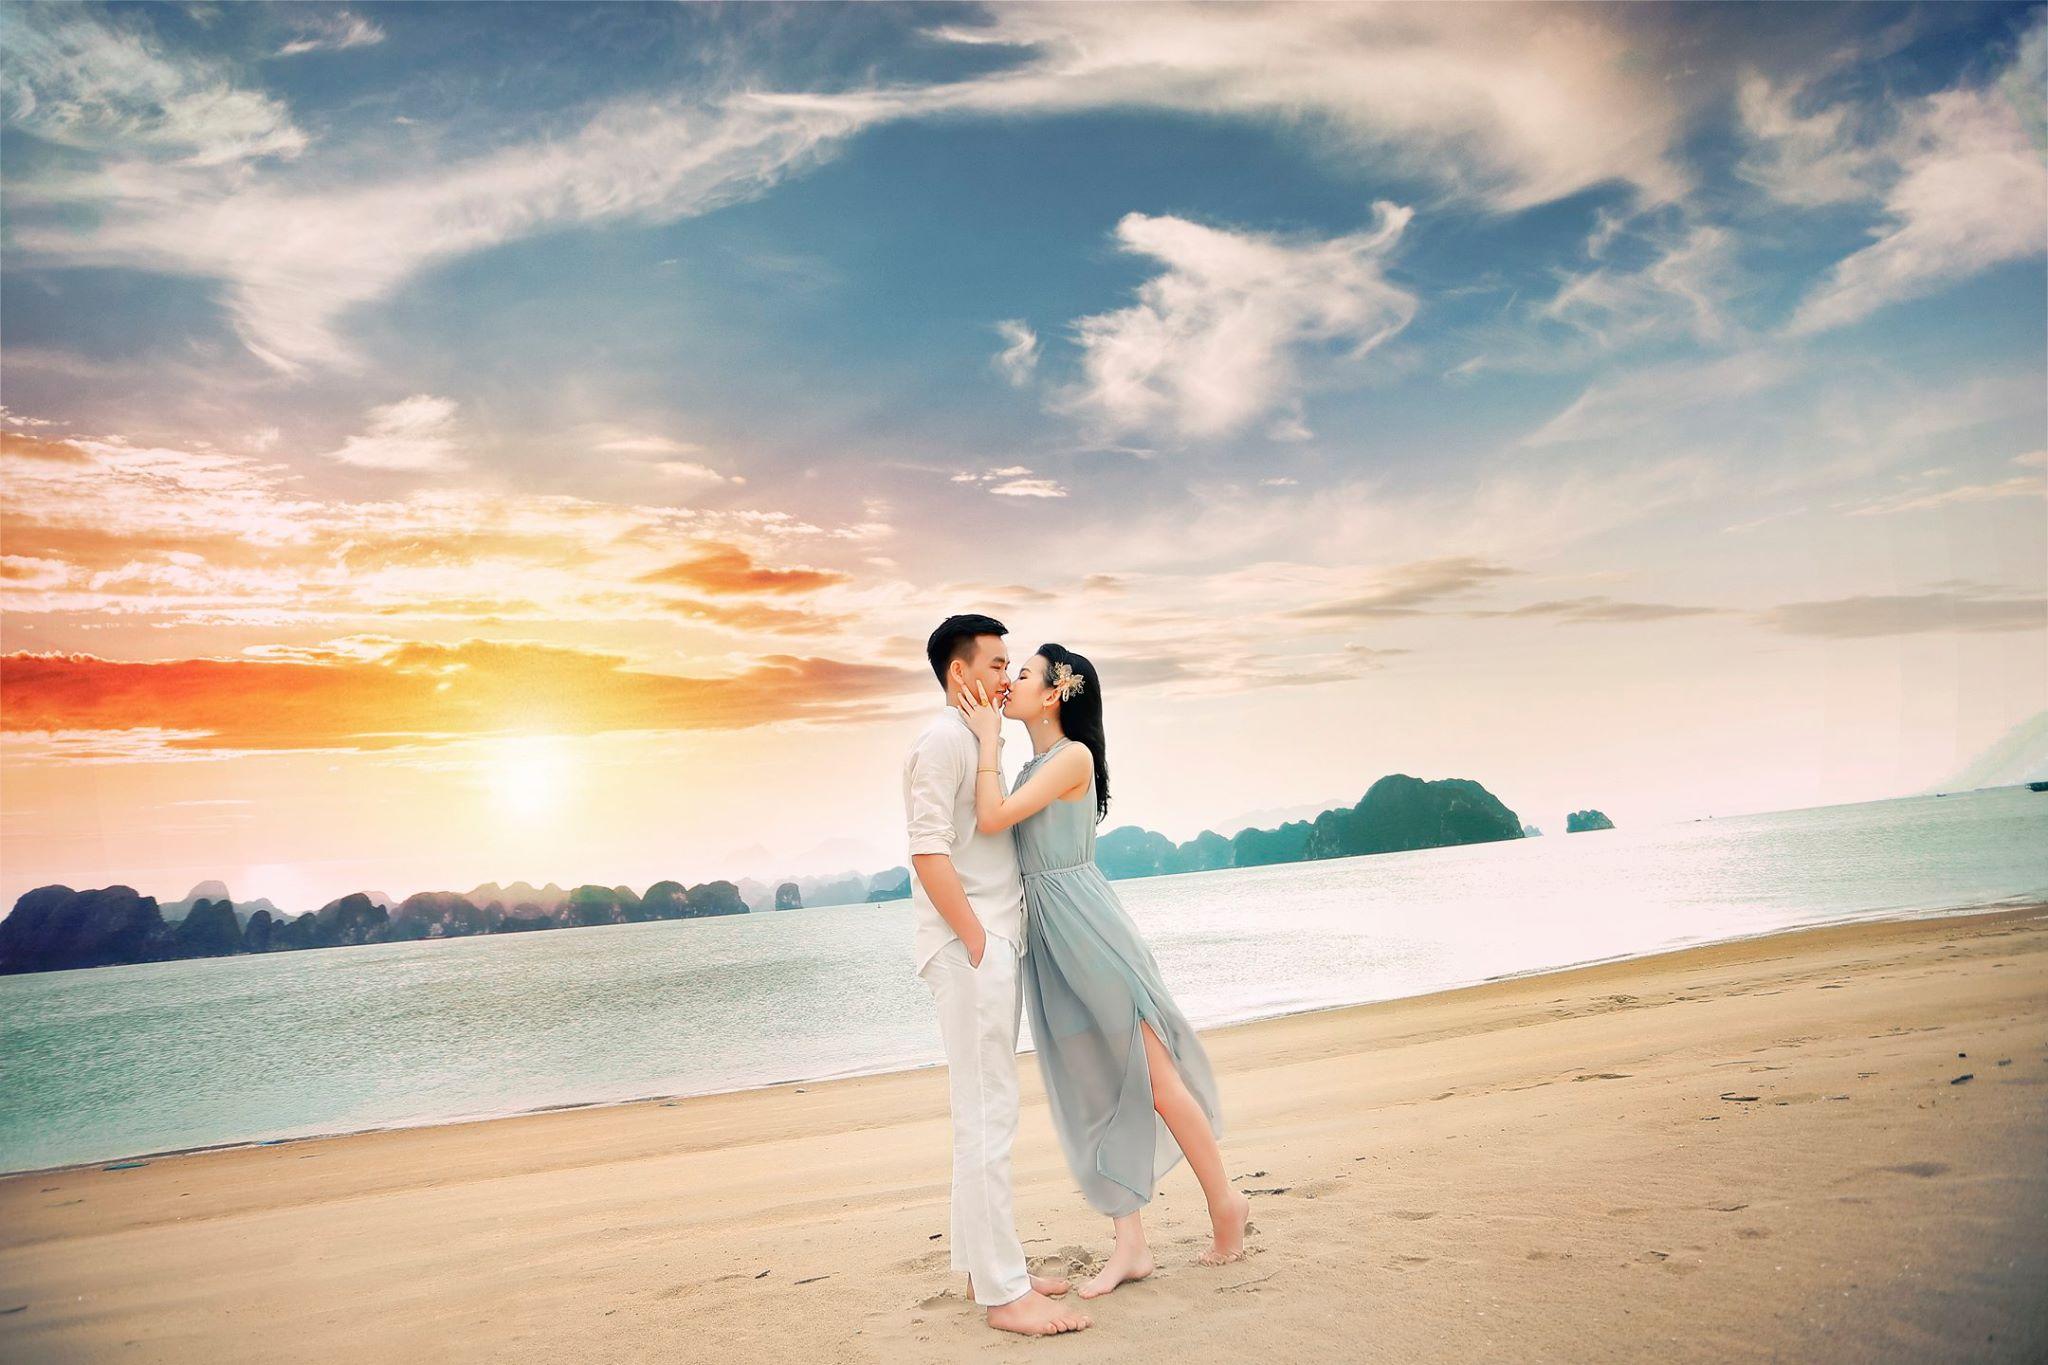 chụp hình cưới ở biển